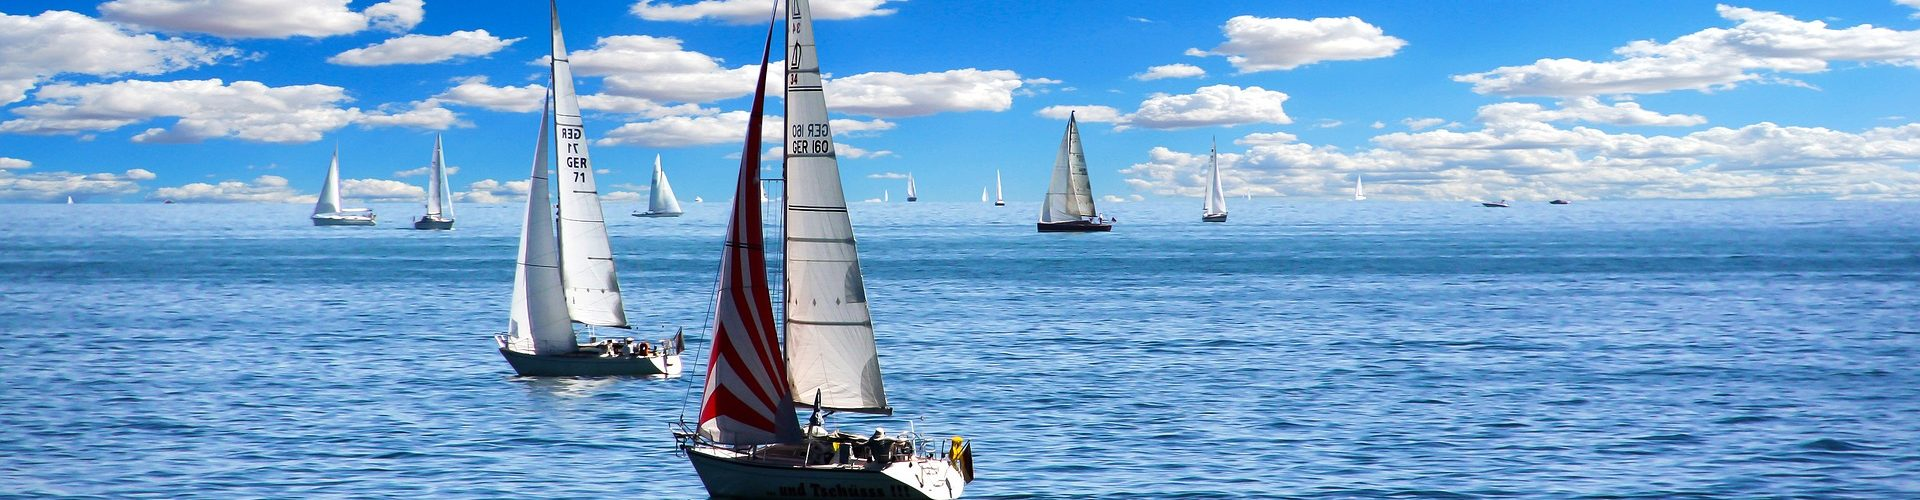 segeln lernen in Wiesmoor Wiesmoor segelschein machen in Wiesmoor Wiesmoor 1920x500 - Segeln lernen in Wiesmoor Wiesmoor